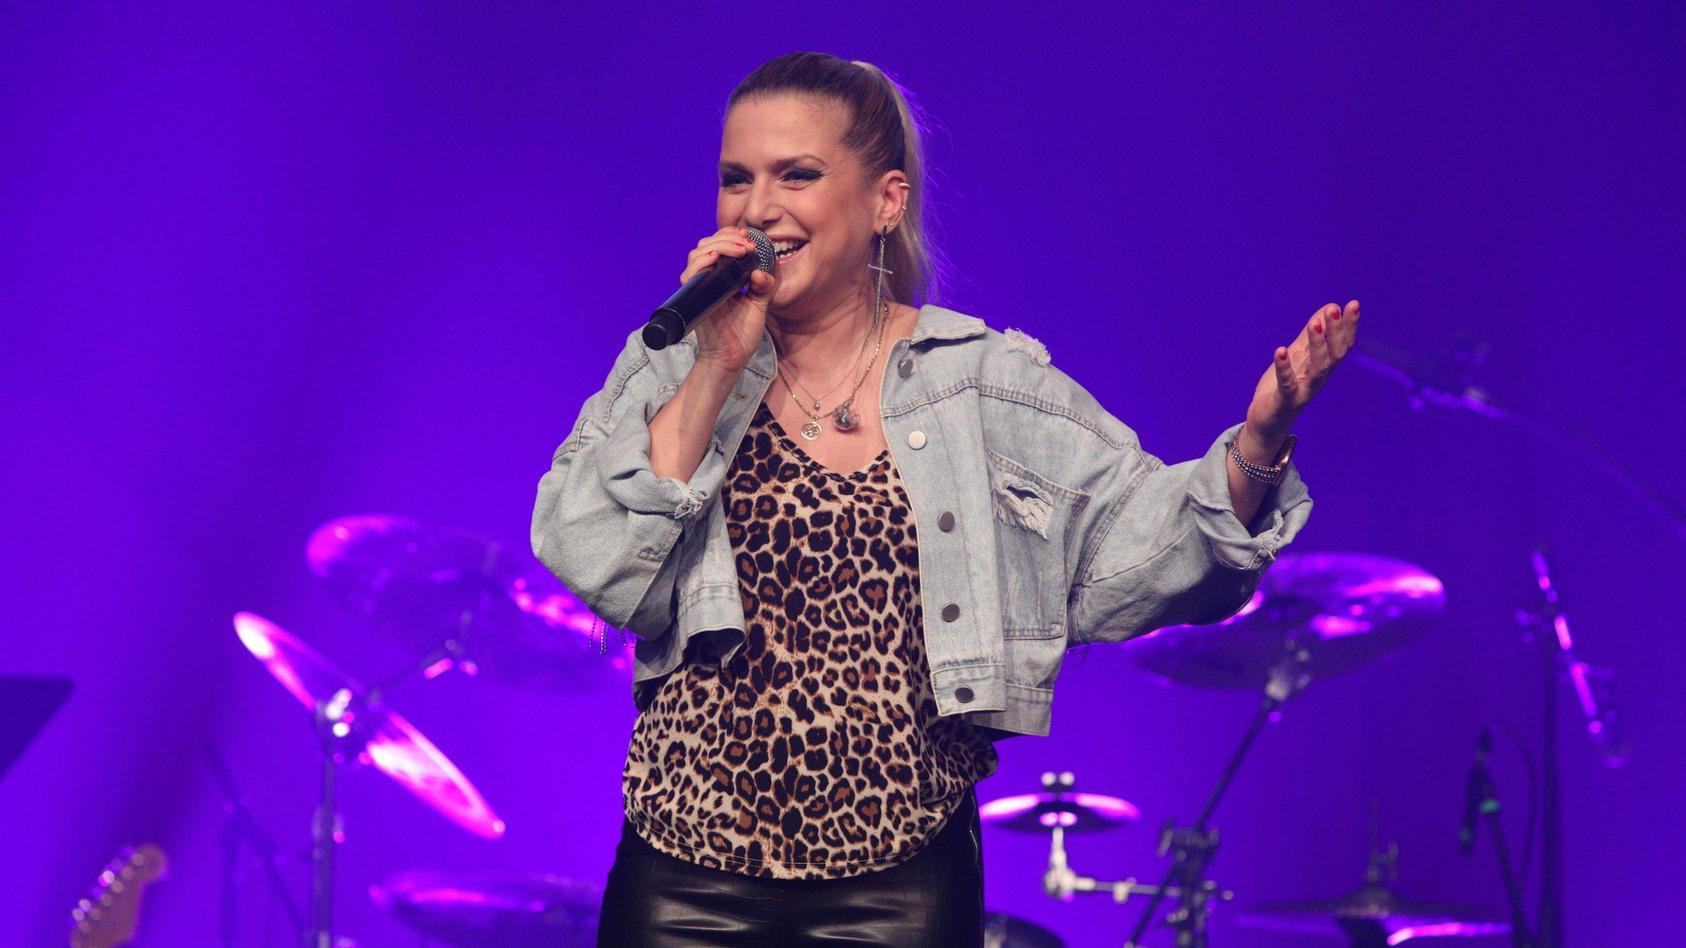 Sängerin Jeanette Biedermann entkleidet sich